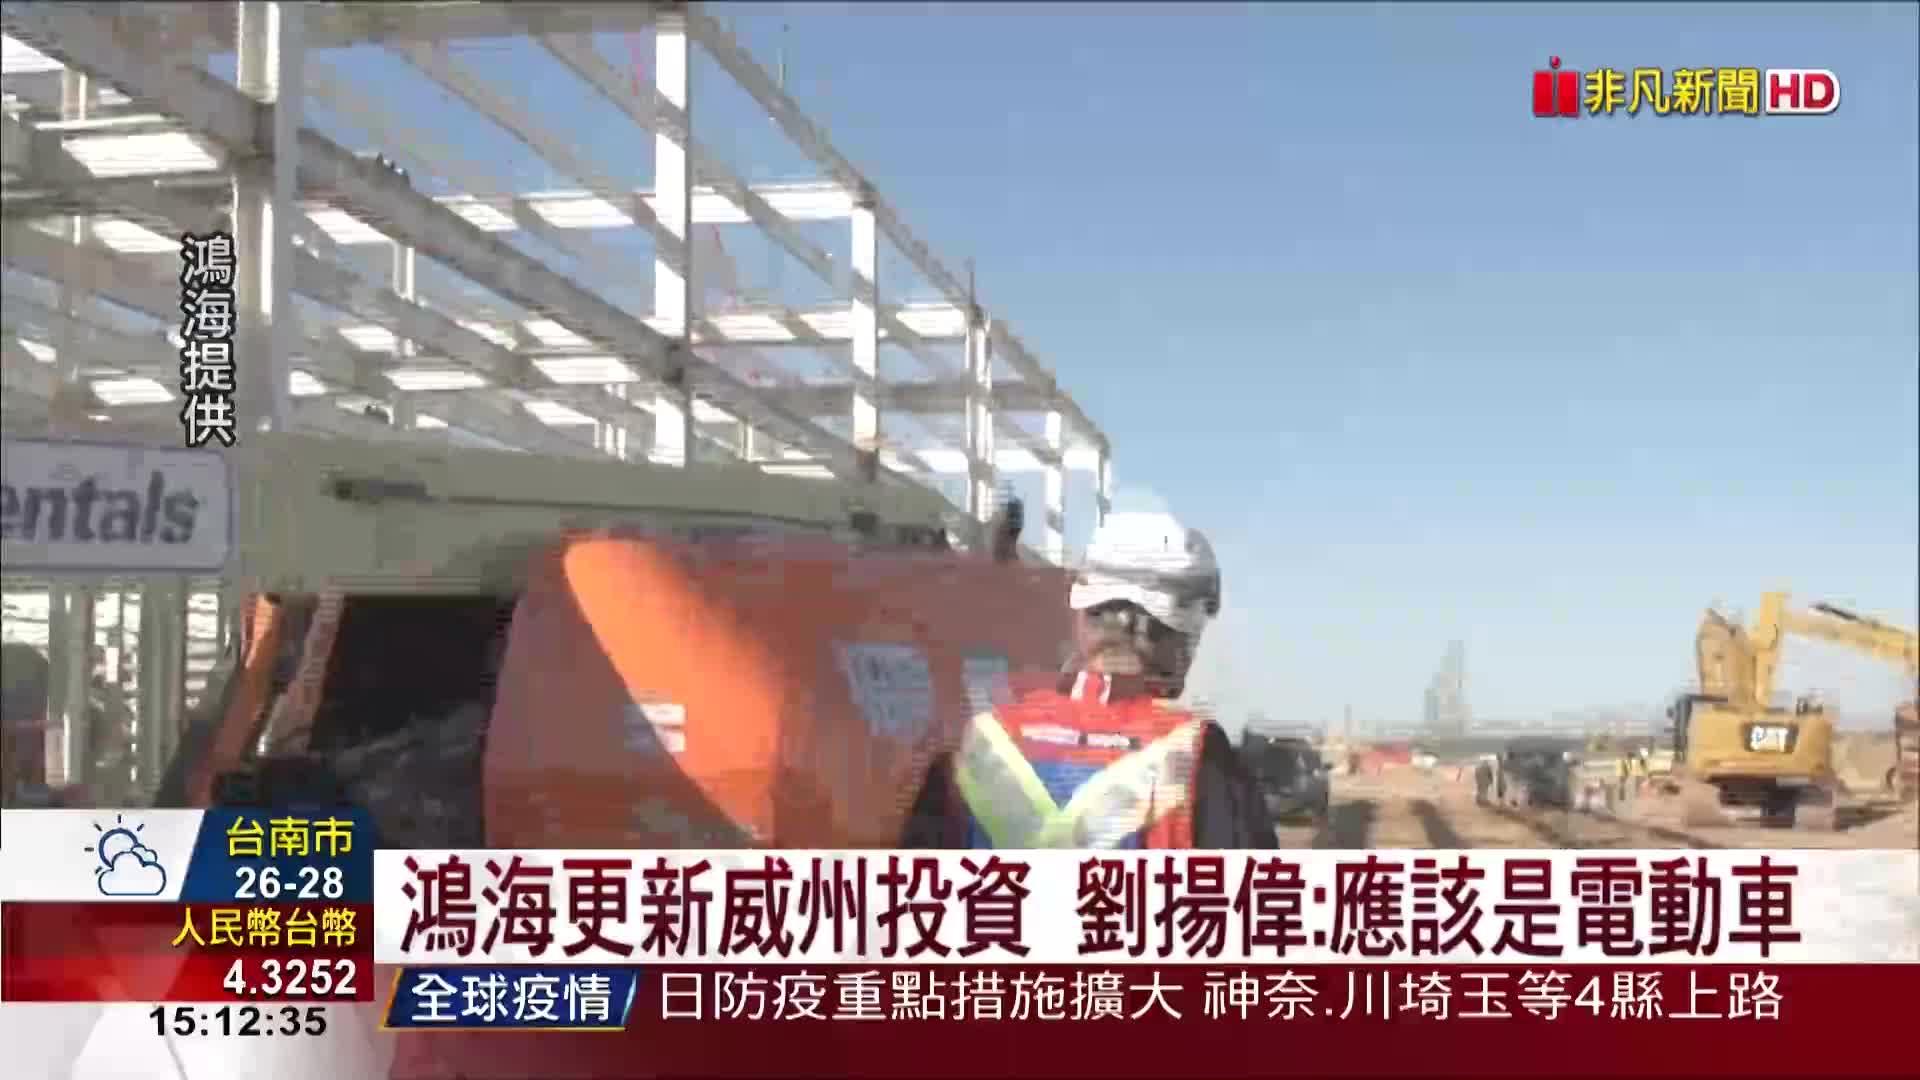 鴻海更新威州投資 劉揚偉:應該是電動車